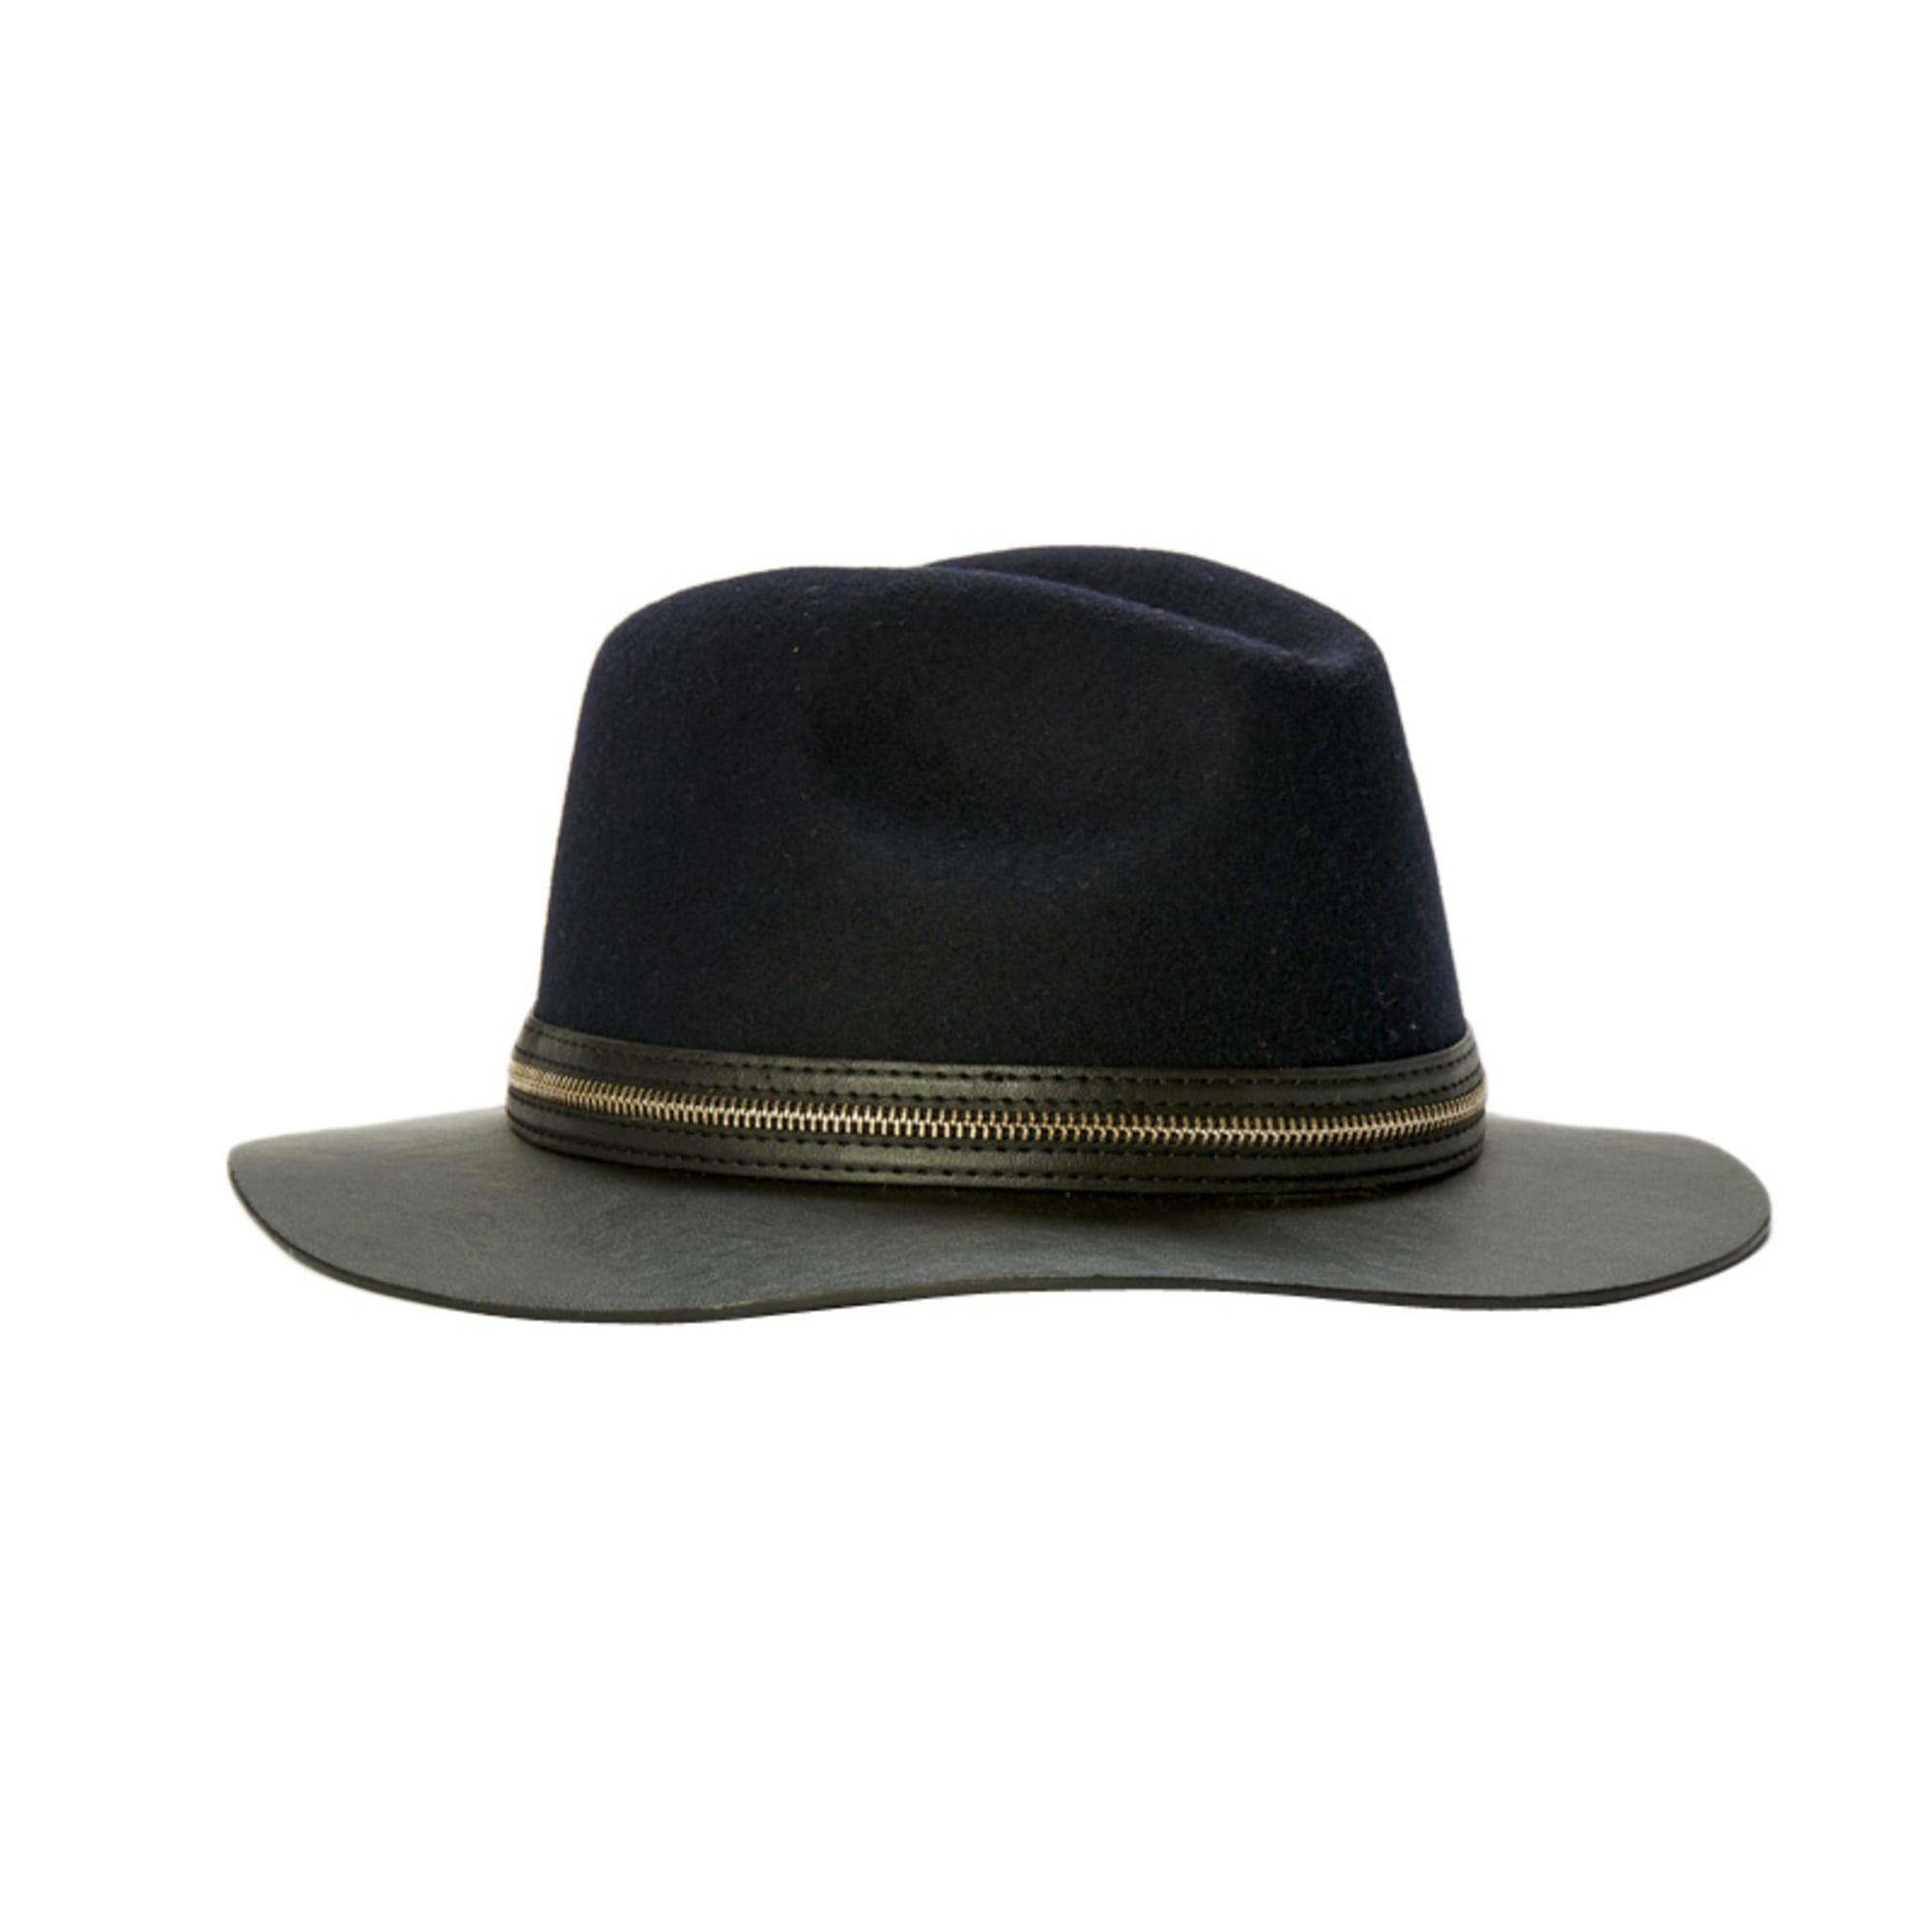 825c399b091 Chapeau ZARA Taille unique noir vendu par Emma 2897885 - 2179502